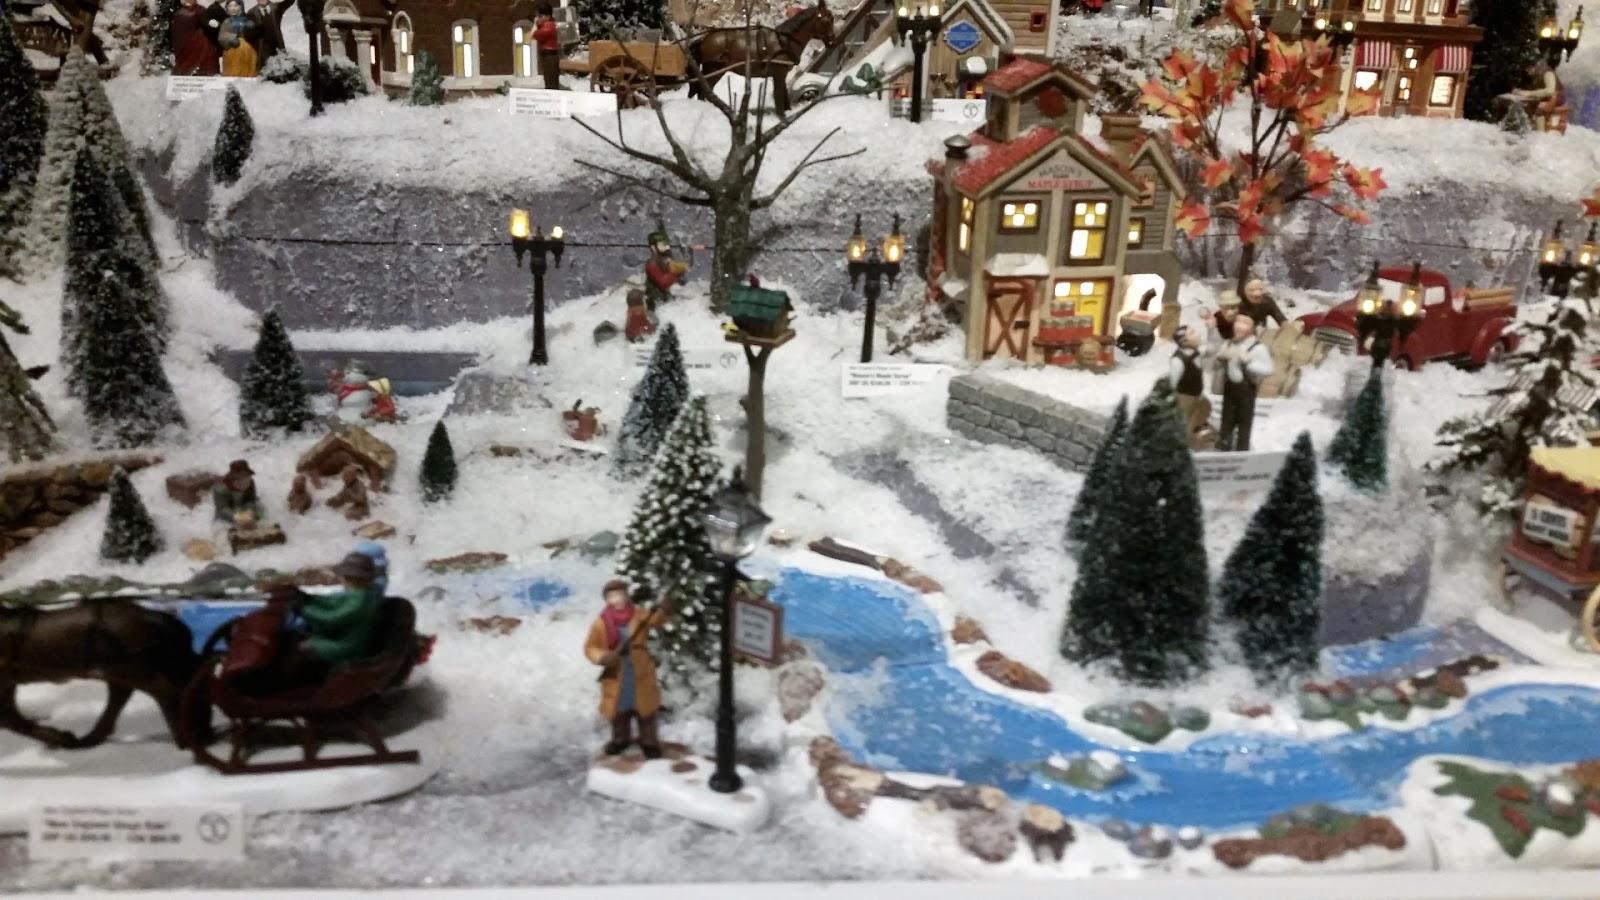 Deerfield Restaurants Open Christmas Day